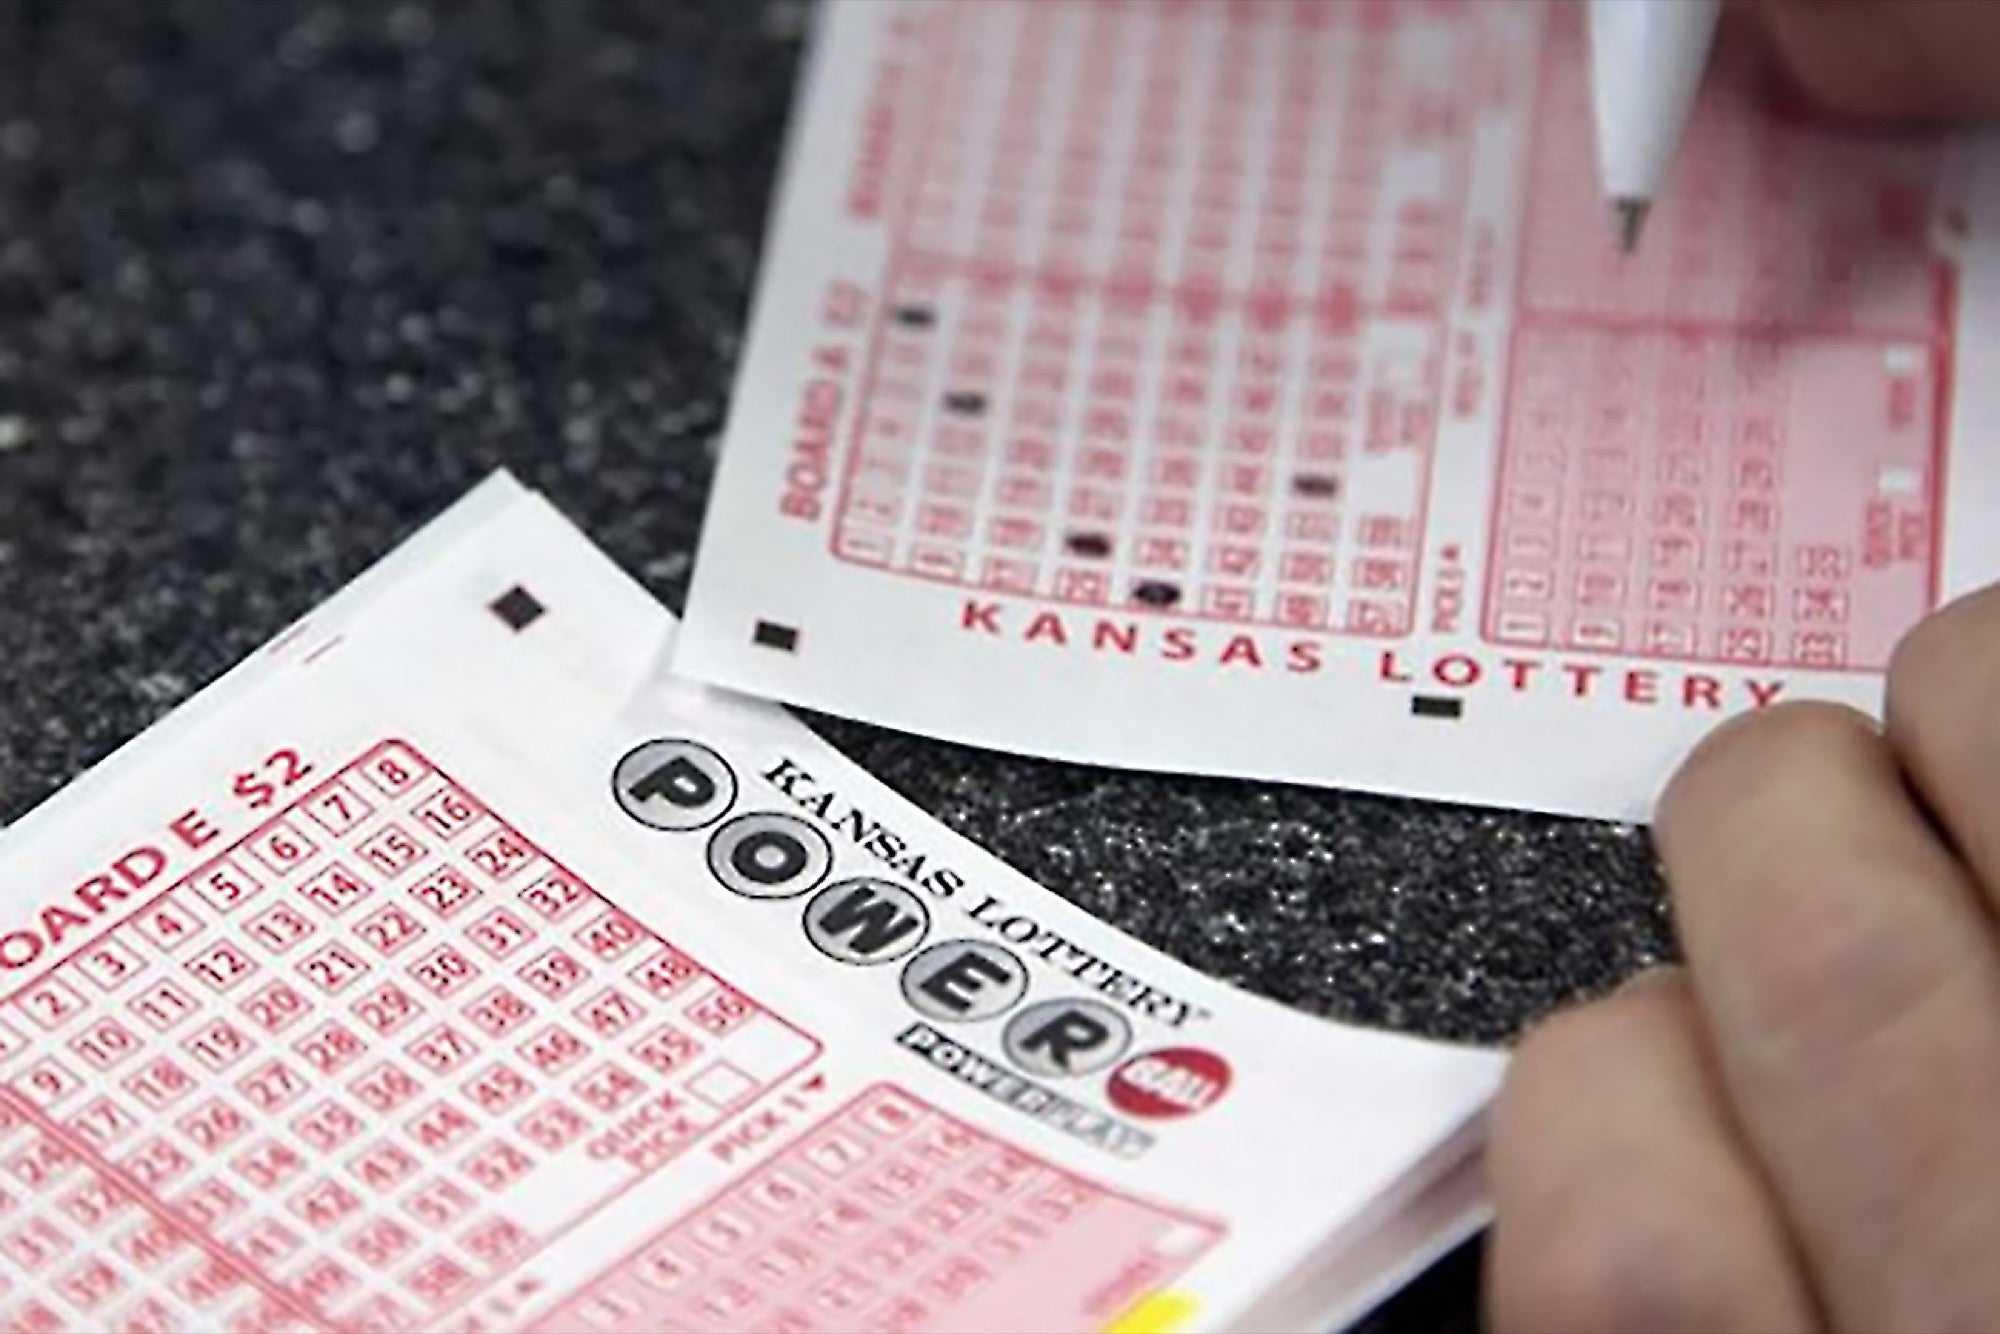 The lotter - отзывы игроков и сравнение с agent lotto — что же лучше? | лотереи мира